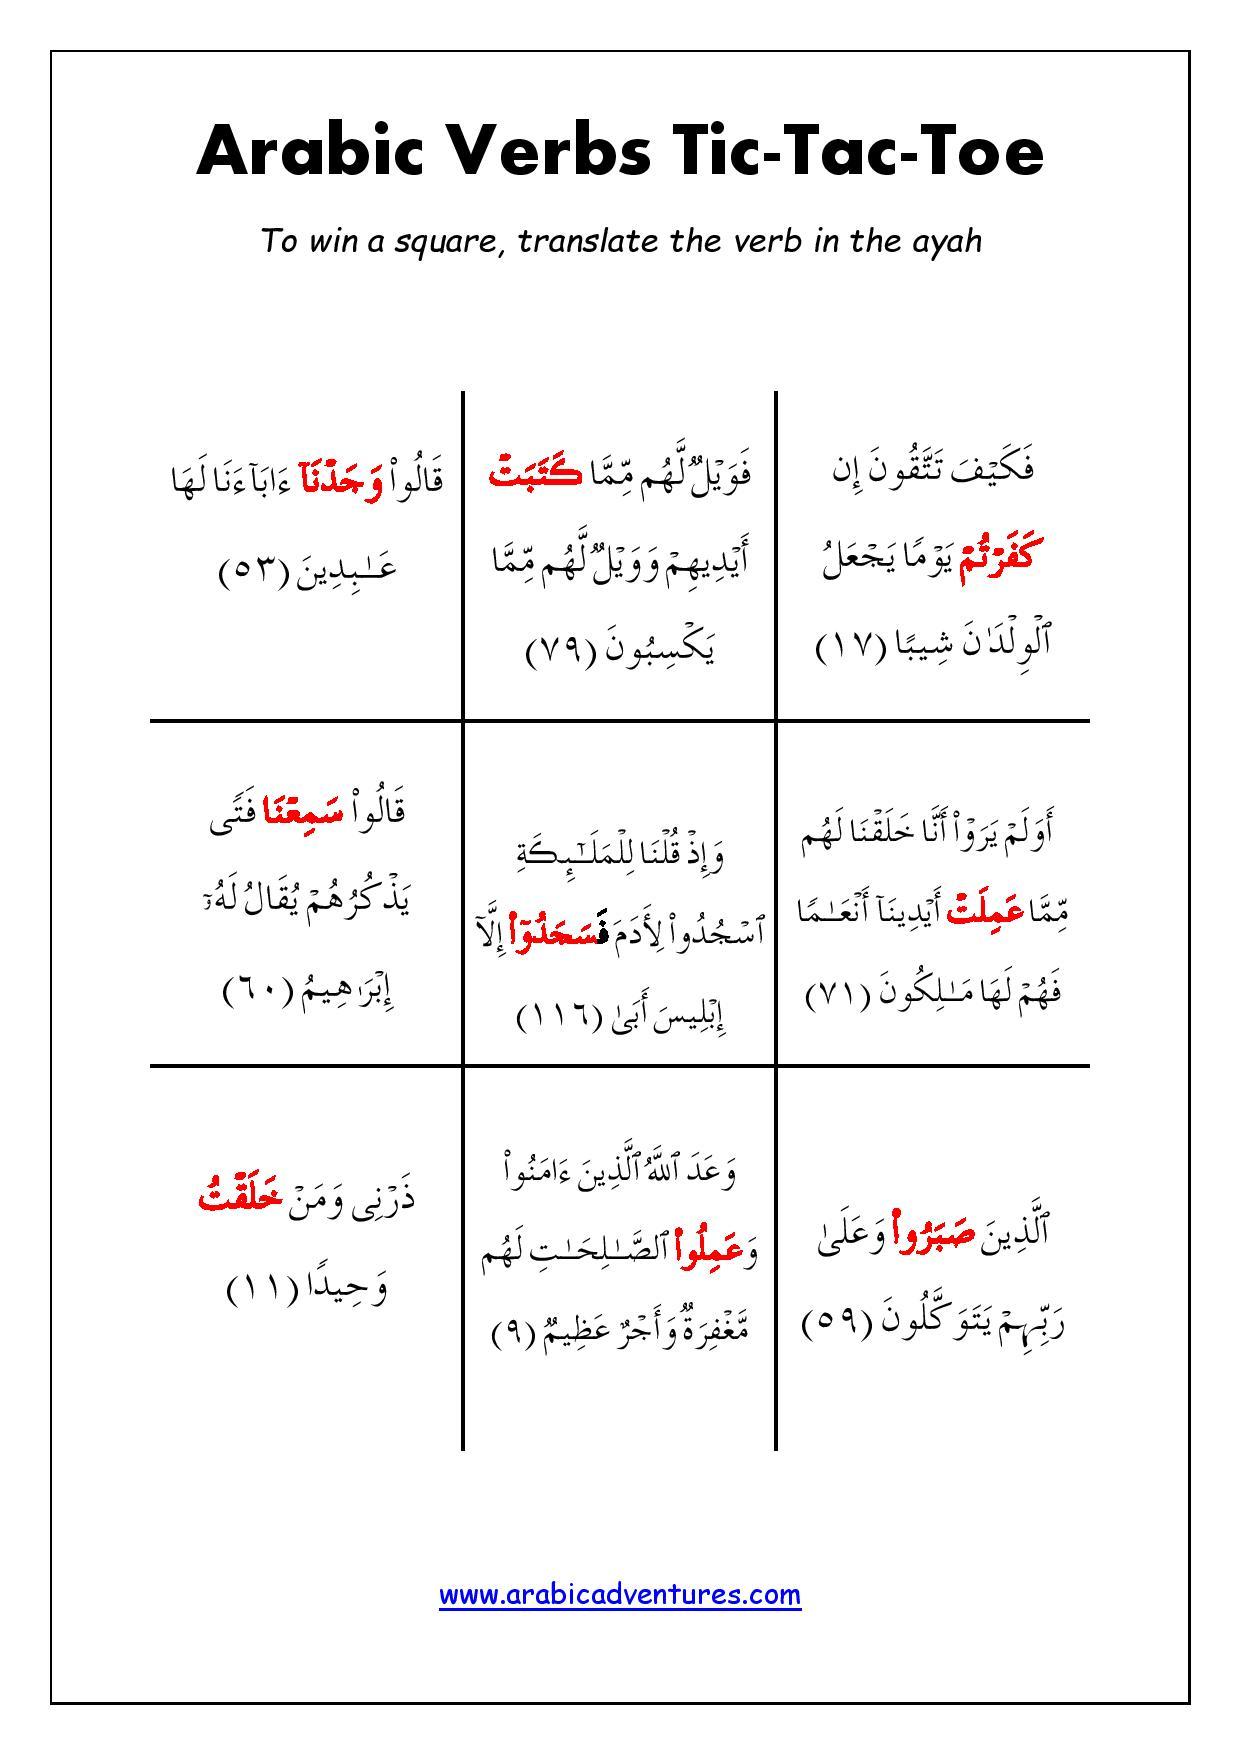 Tic Tac Toe Arabic